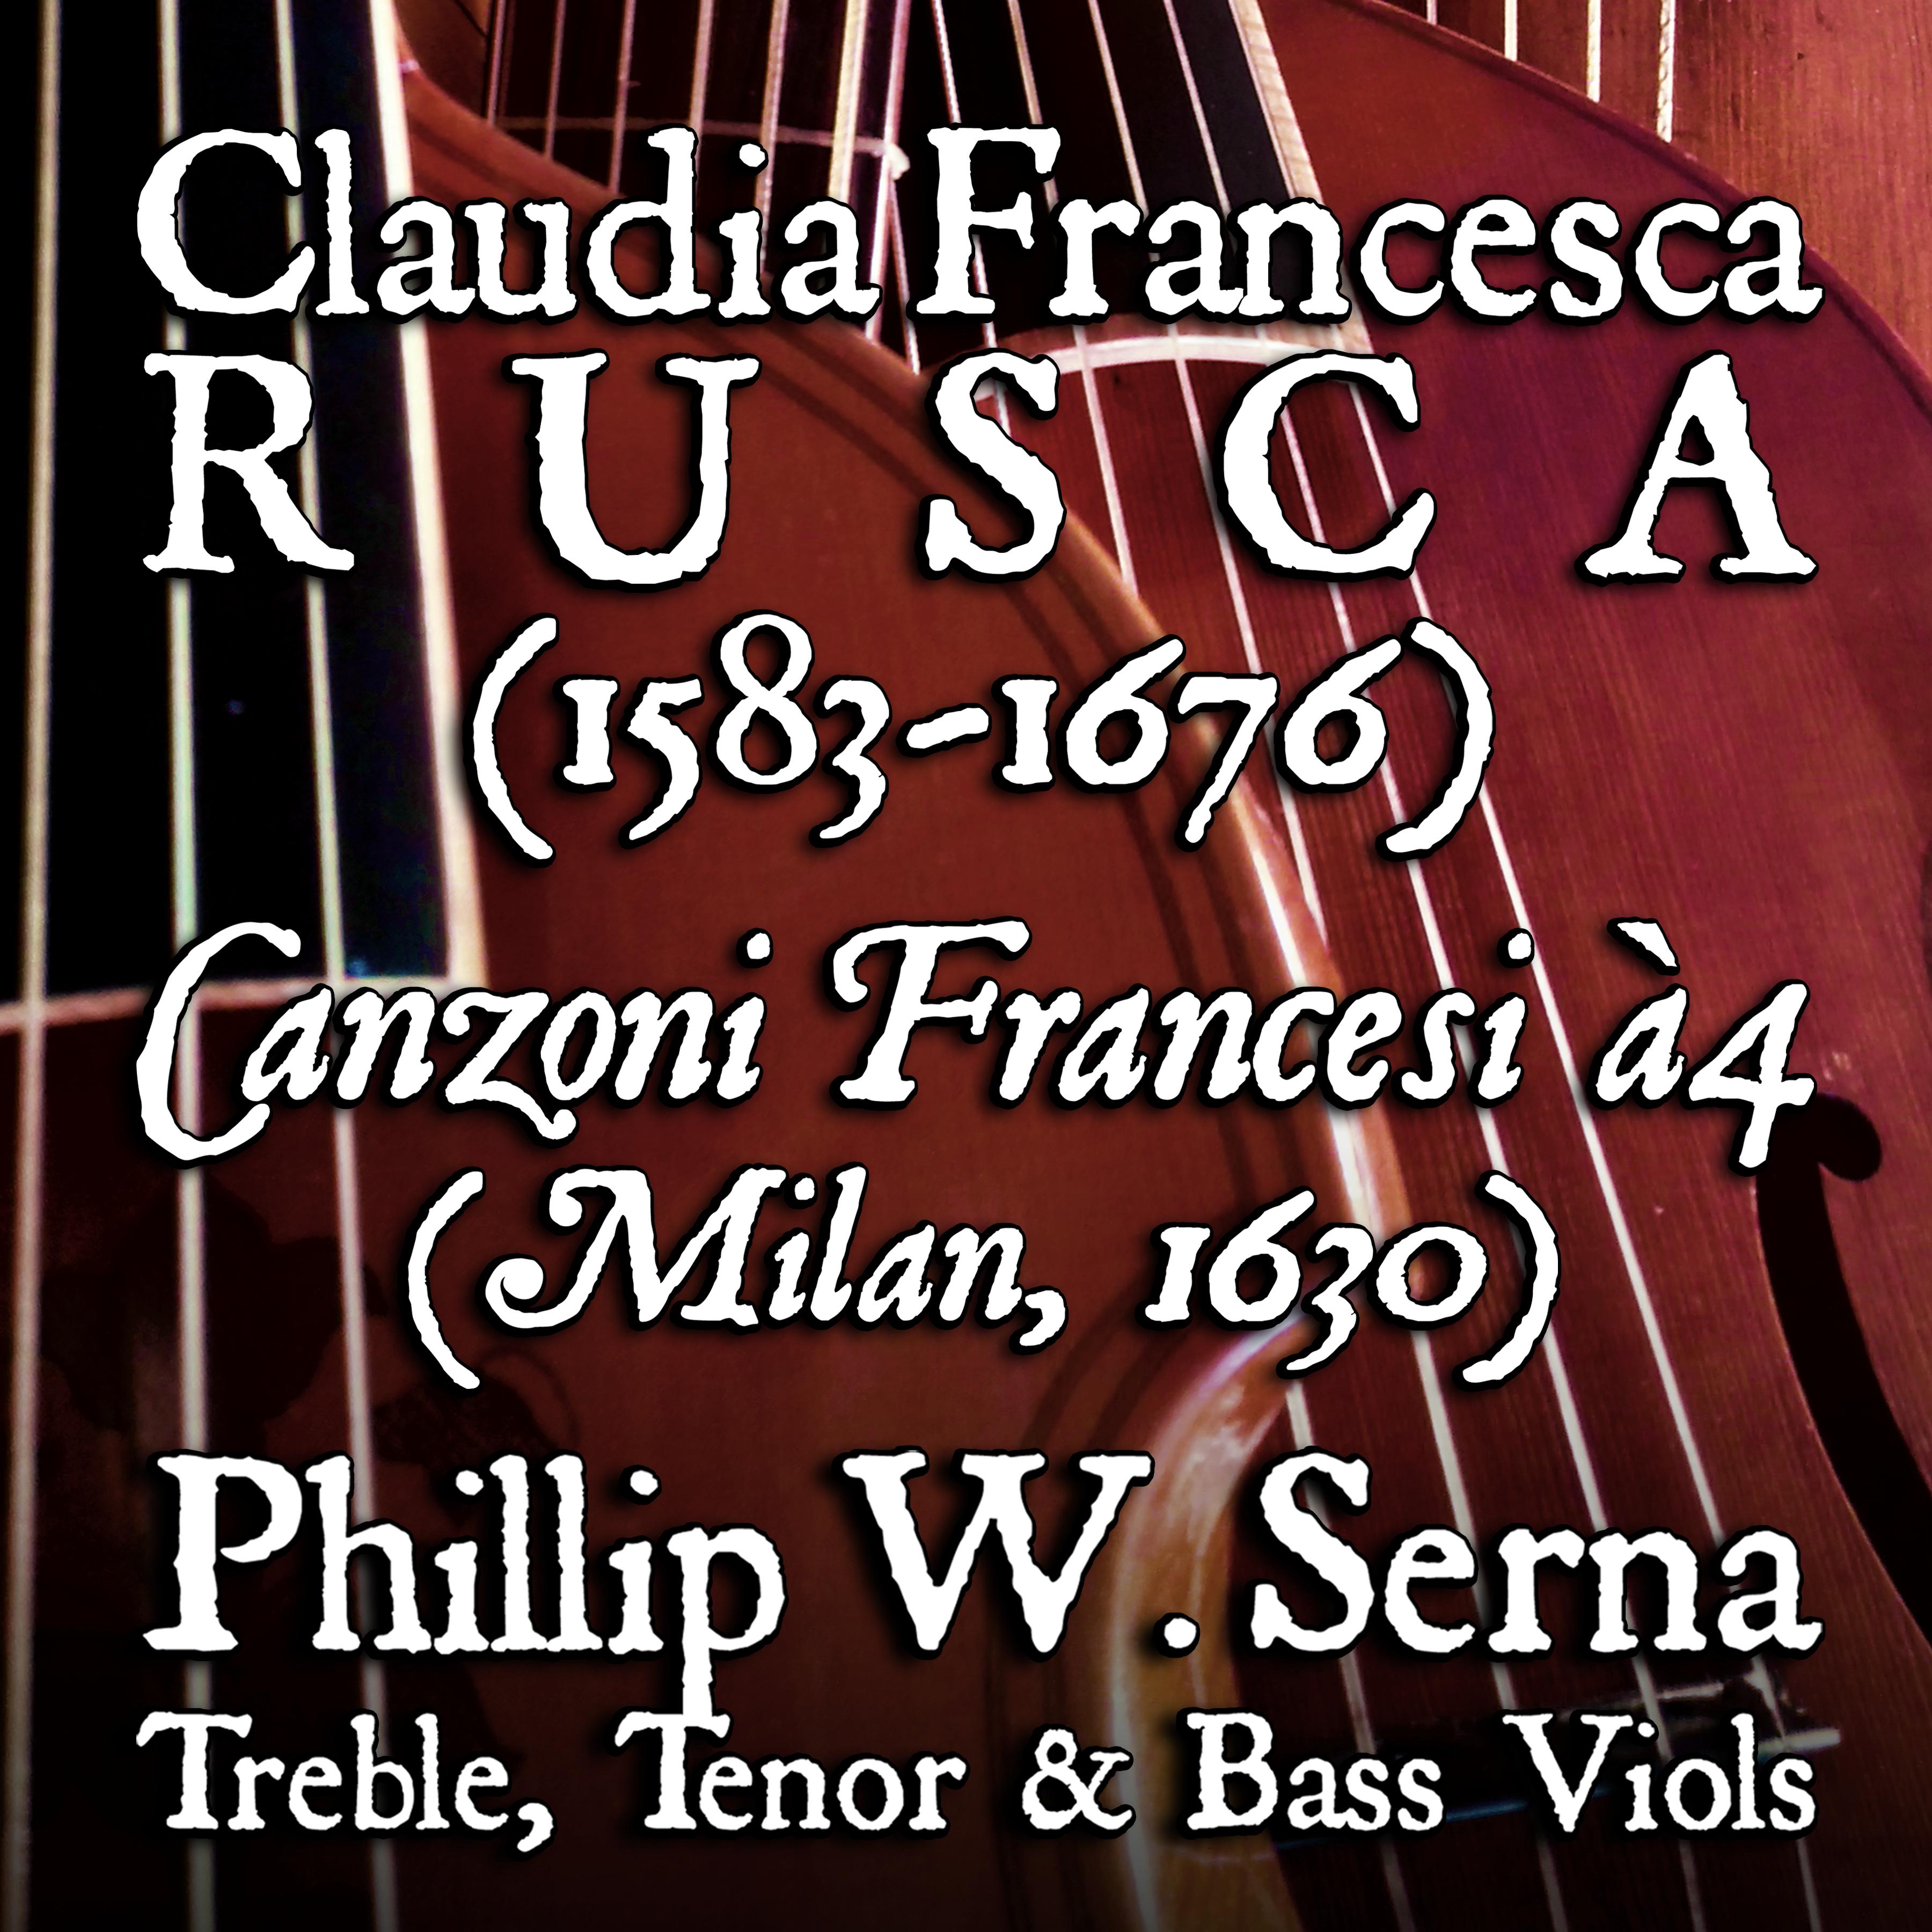 Purchase Claudia Francesca Rusca (1583-1676) - Canzoni Francesi à4 (Milan, 1630)